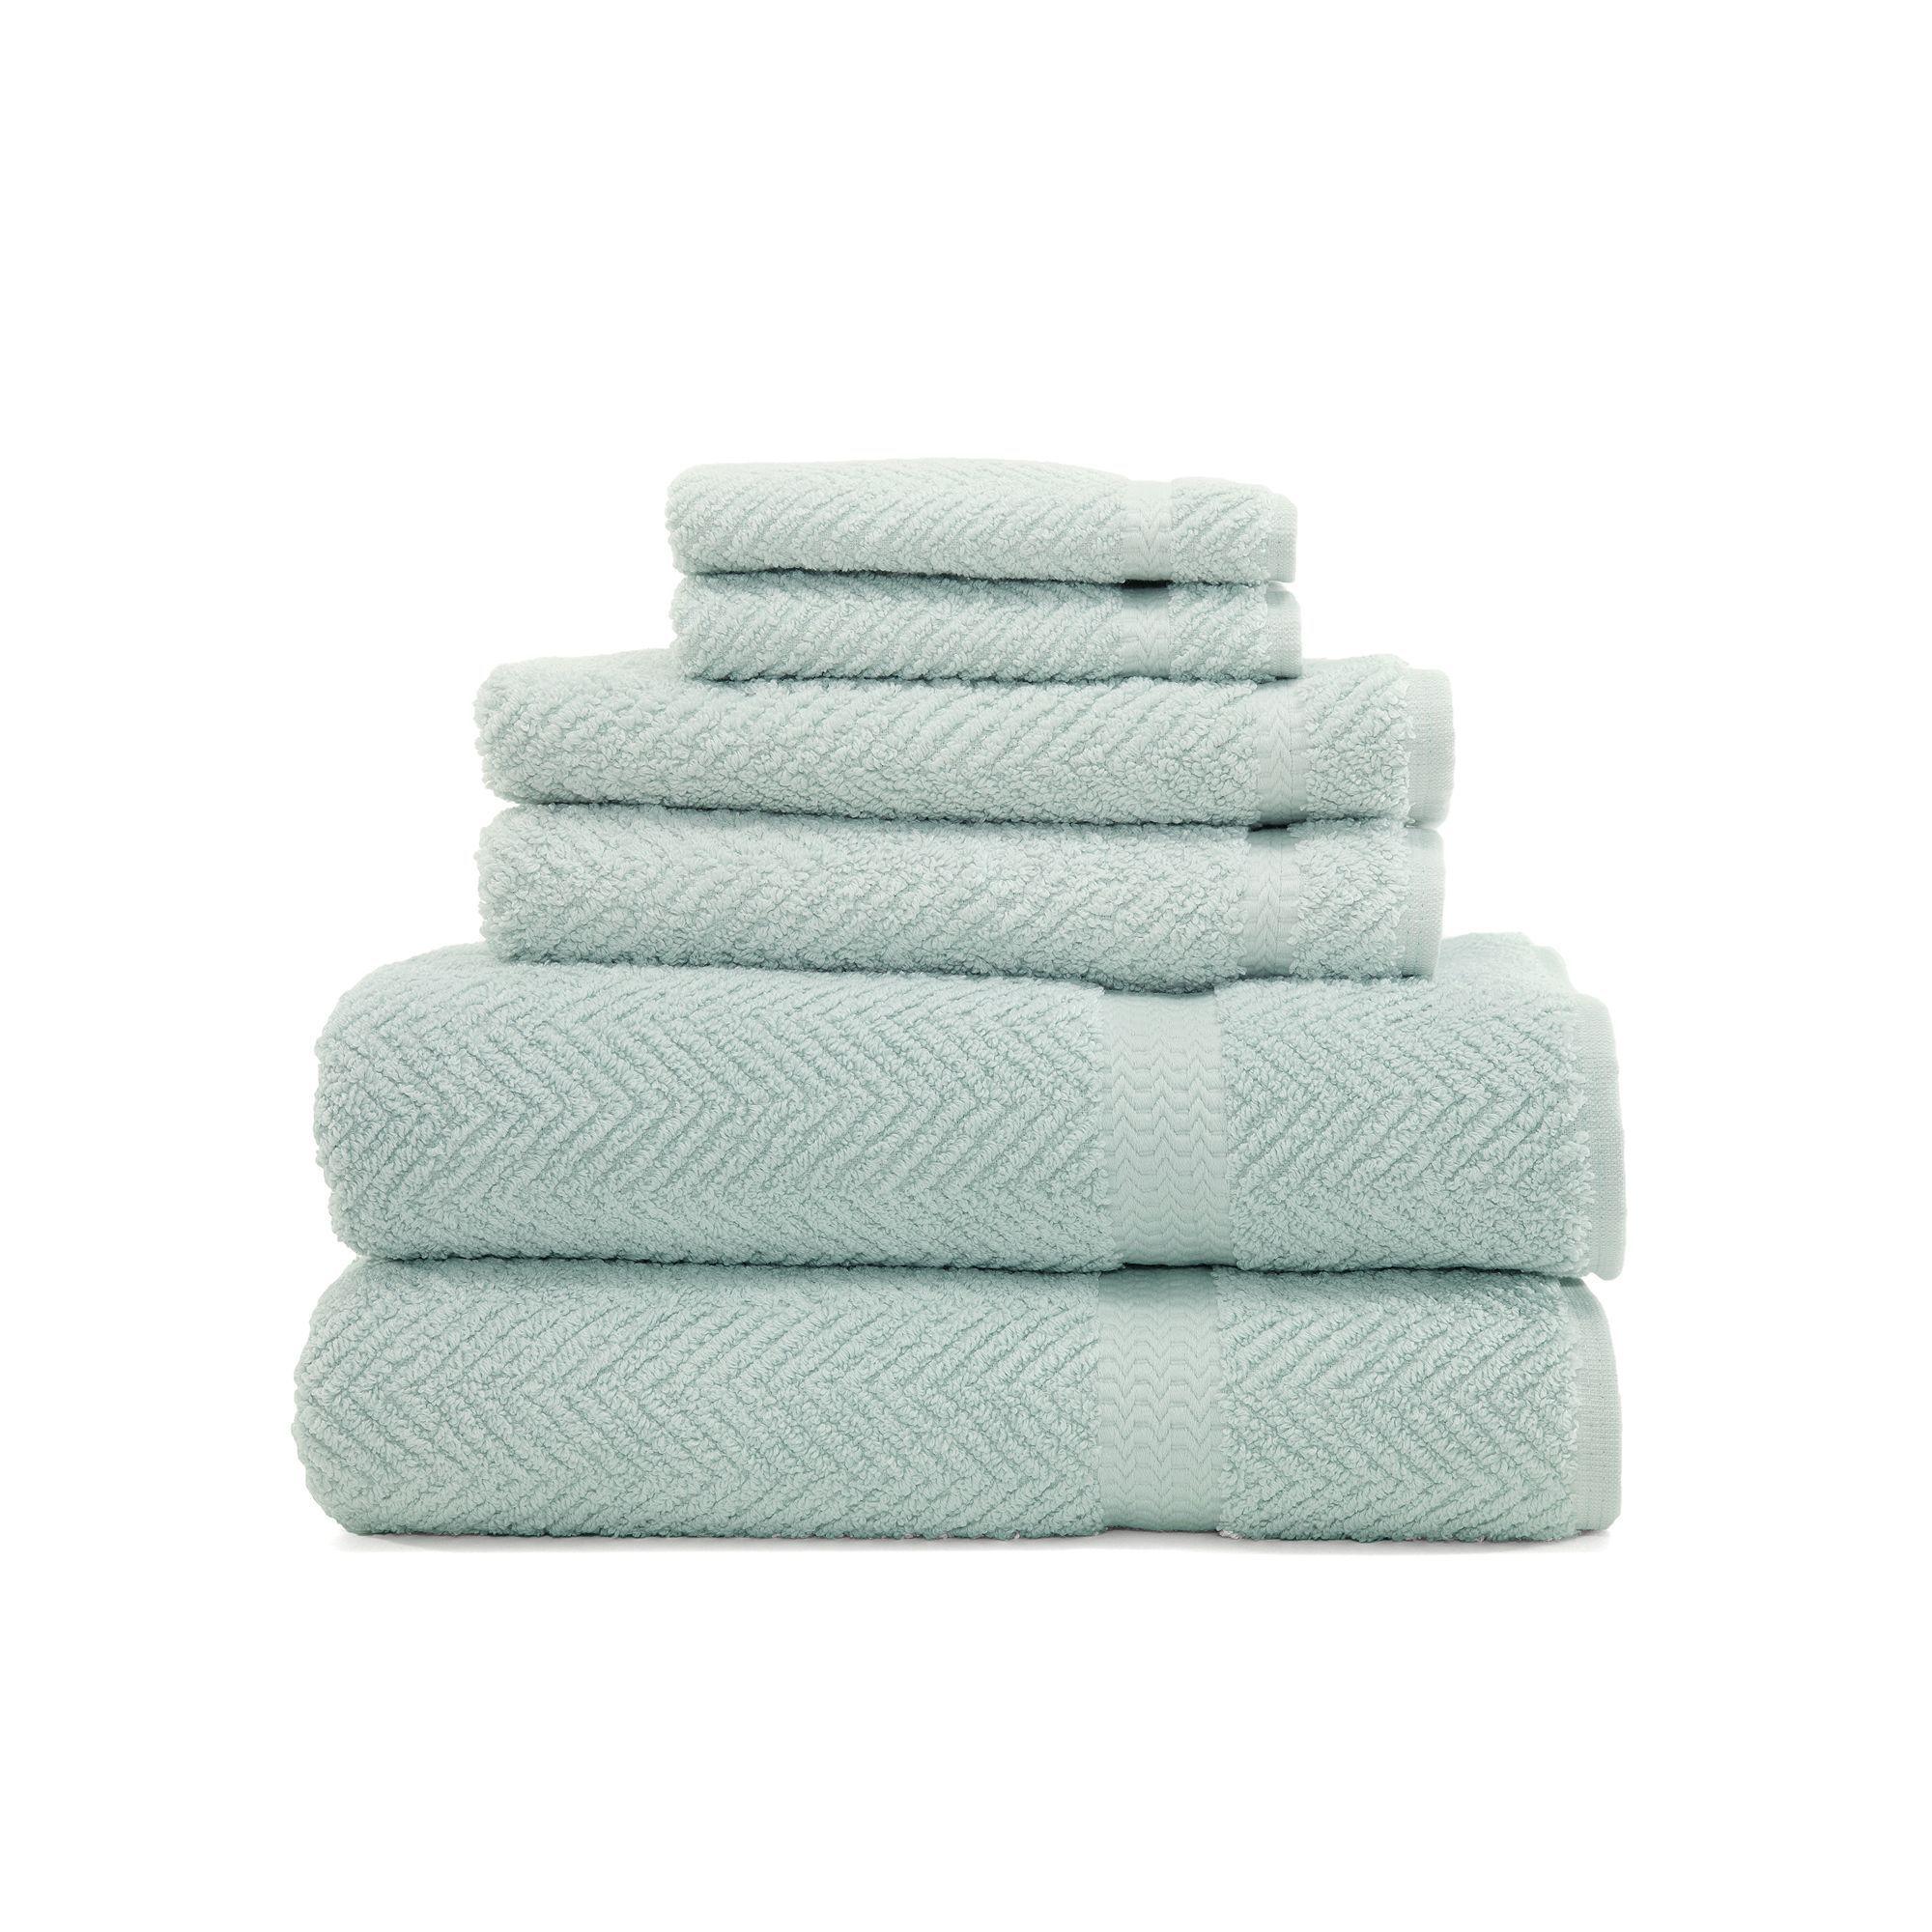 Linum Home Textiles Herringbone 6 Pc Bath Towel Set Light Blue Towel Collection Towel Set